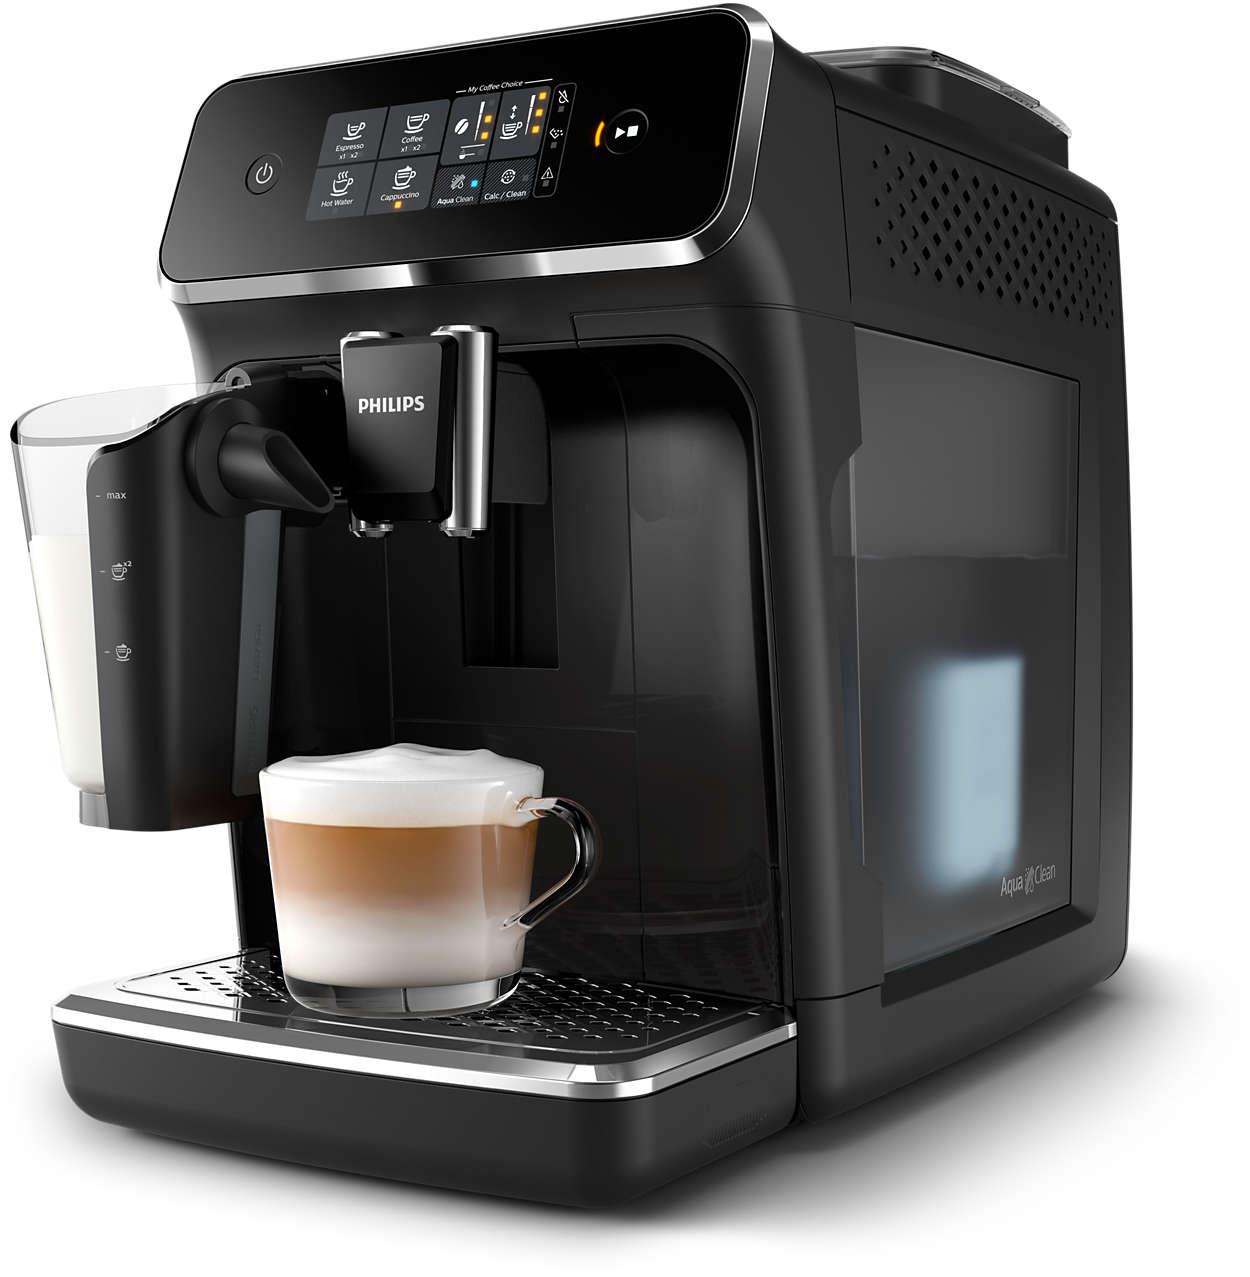 3 bardak taze ve lezzetli kahve hazırlamak çok kolay